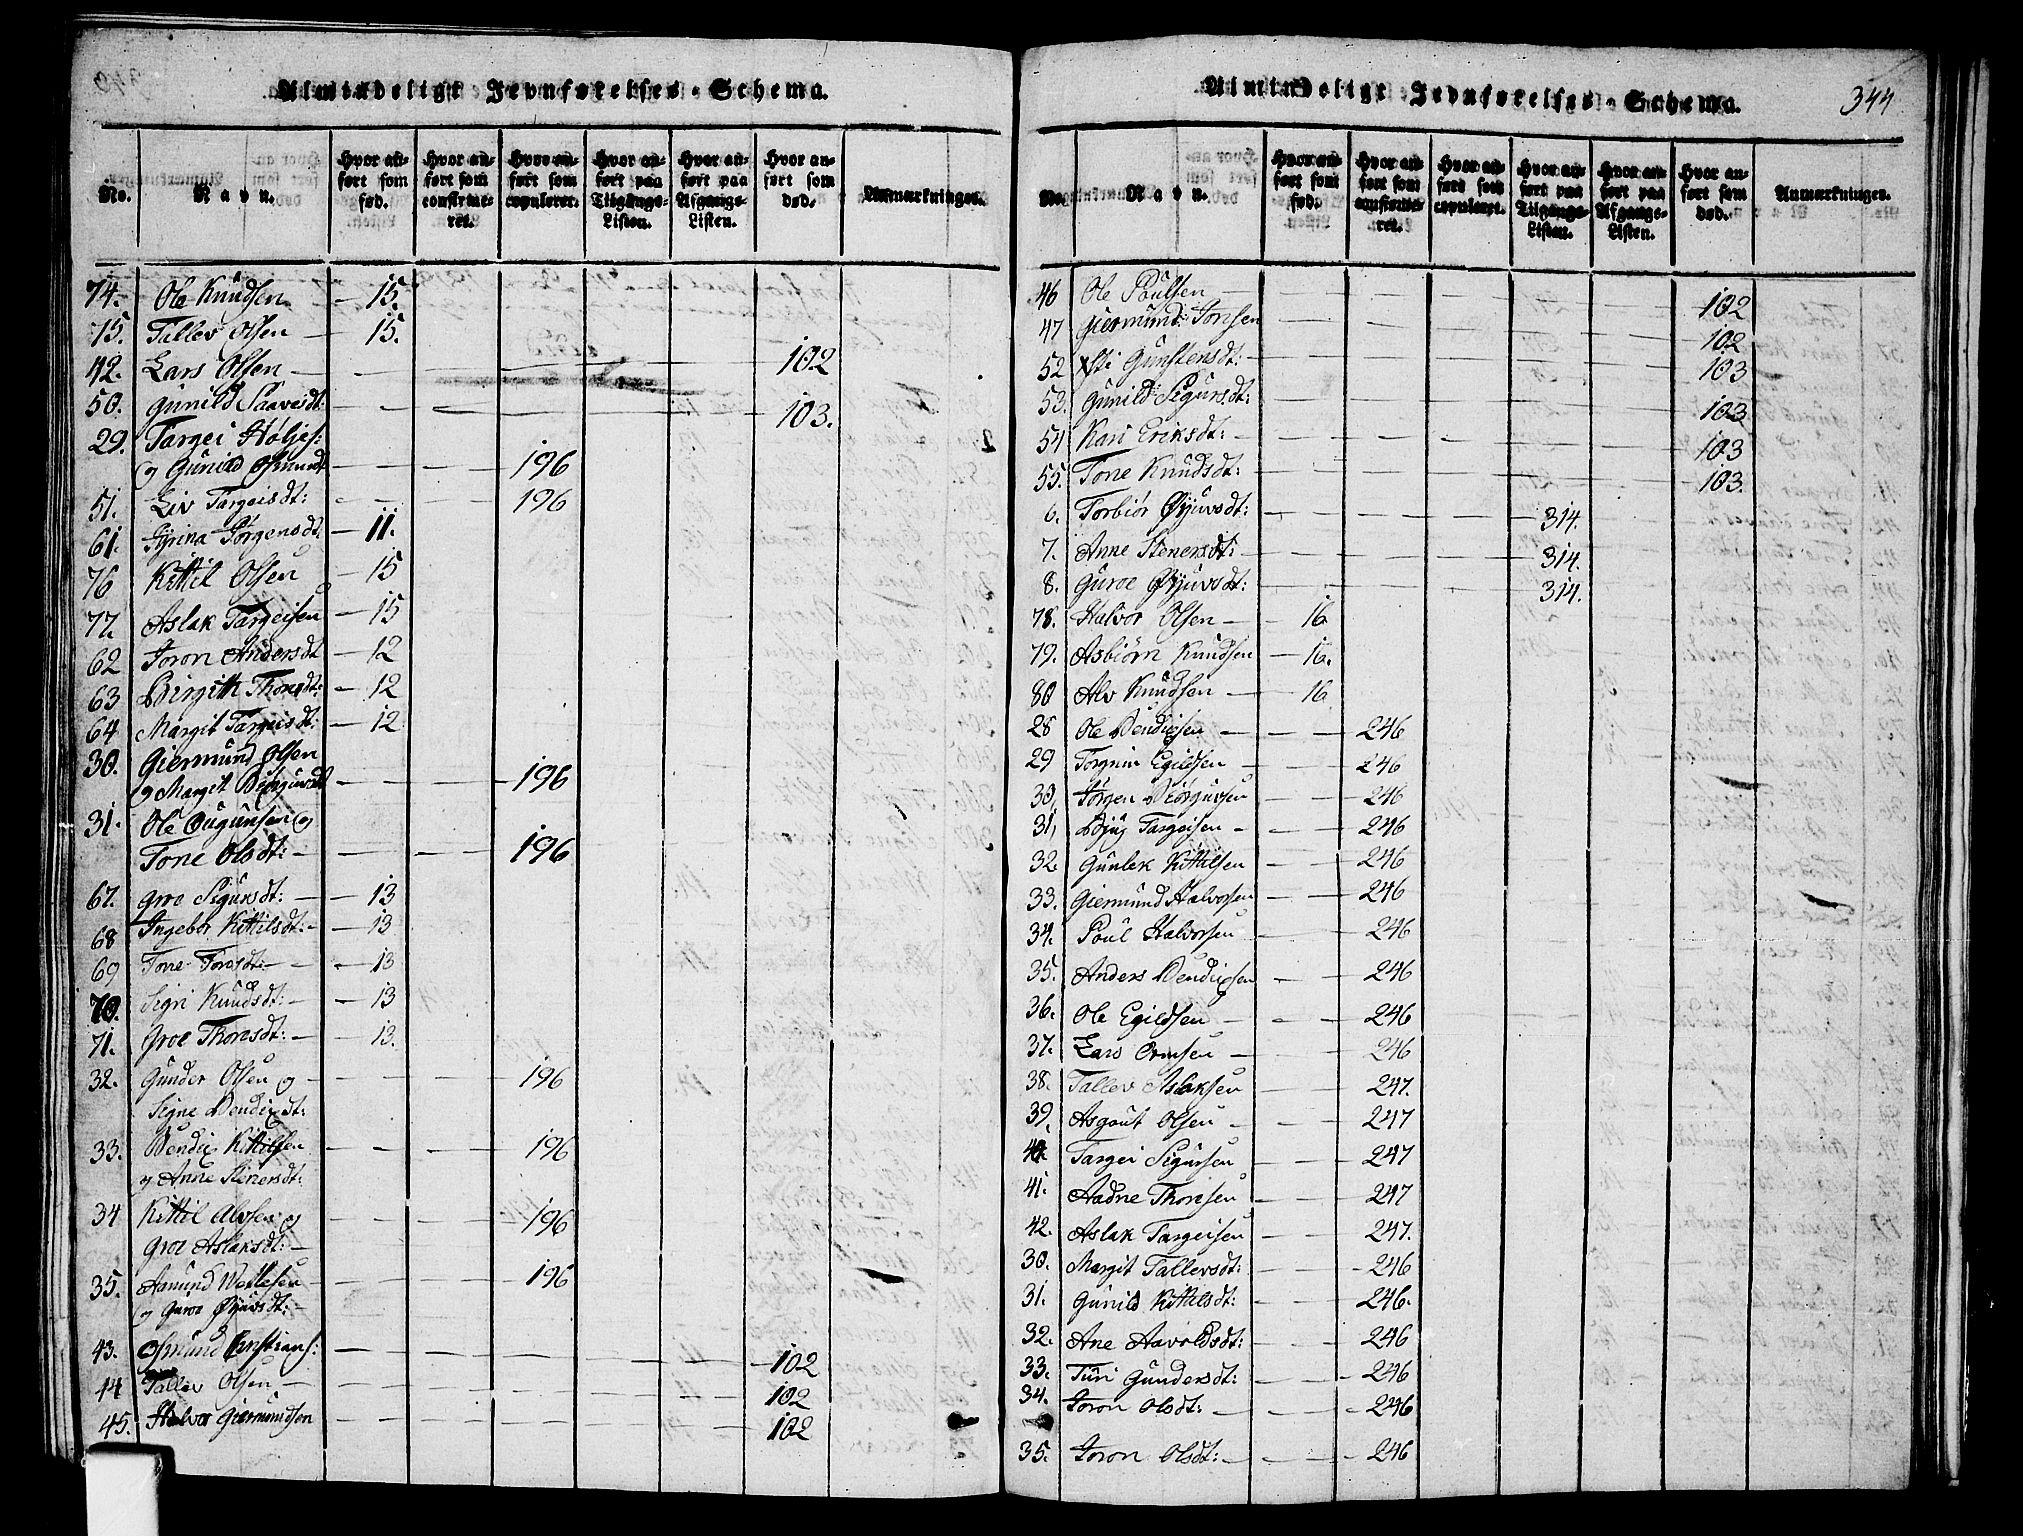 SAKO, Fyresdal kirkebøker, G/Ga/L0001: Klokkerbok nr. I 1, 1816-1840, s. 344